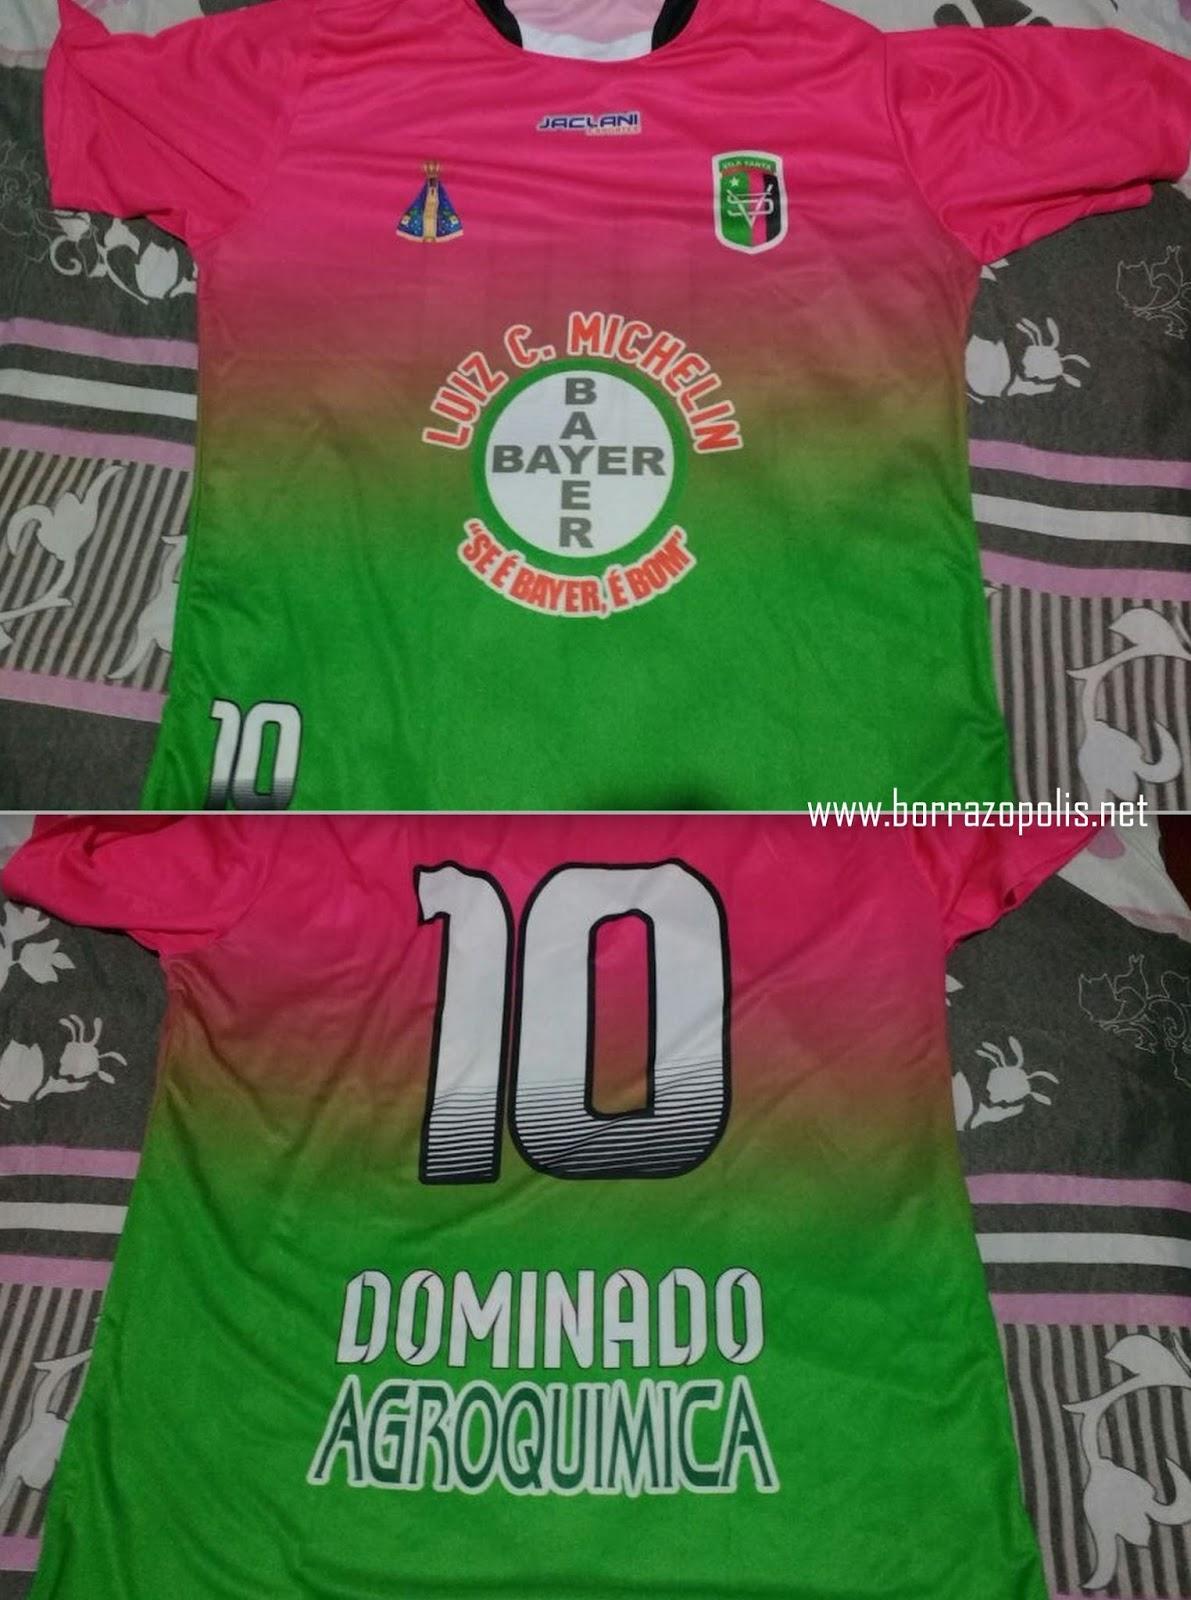 6aa117f5e1 Vereador Dominado entrega uniforme para time de futebol feminino da Vila  Santa